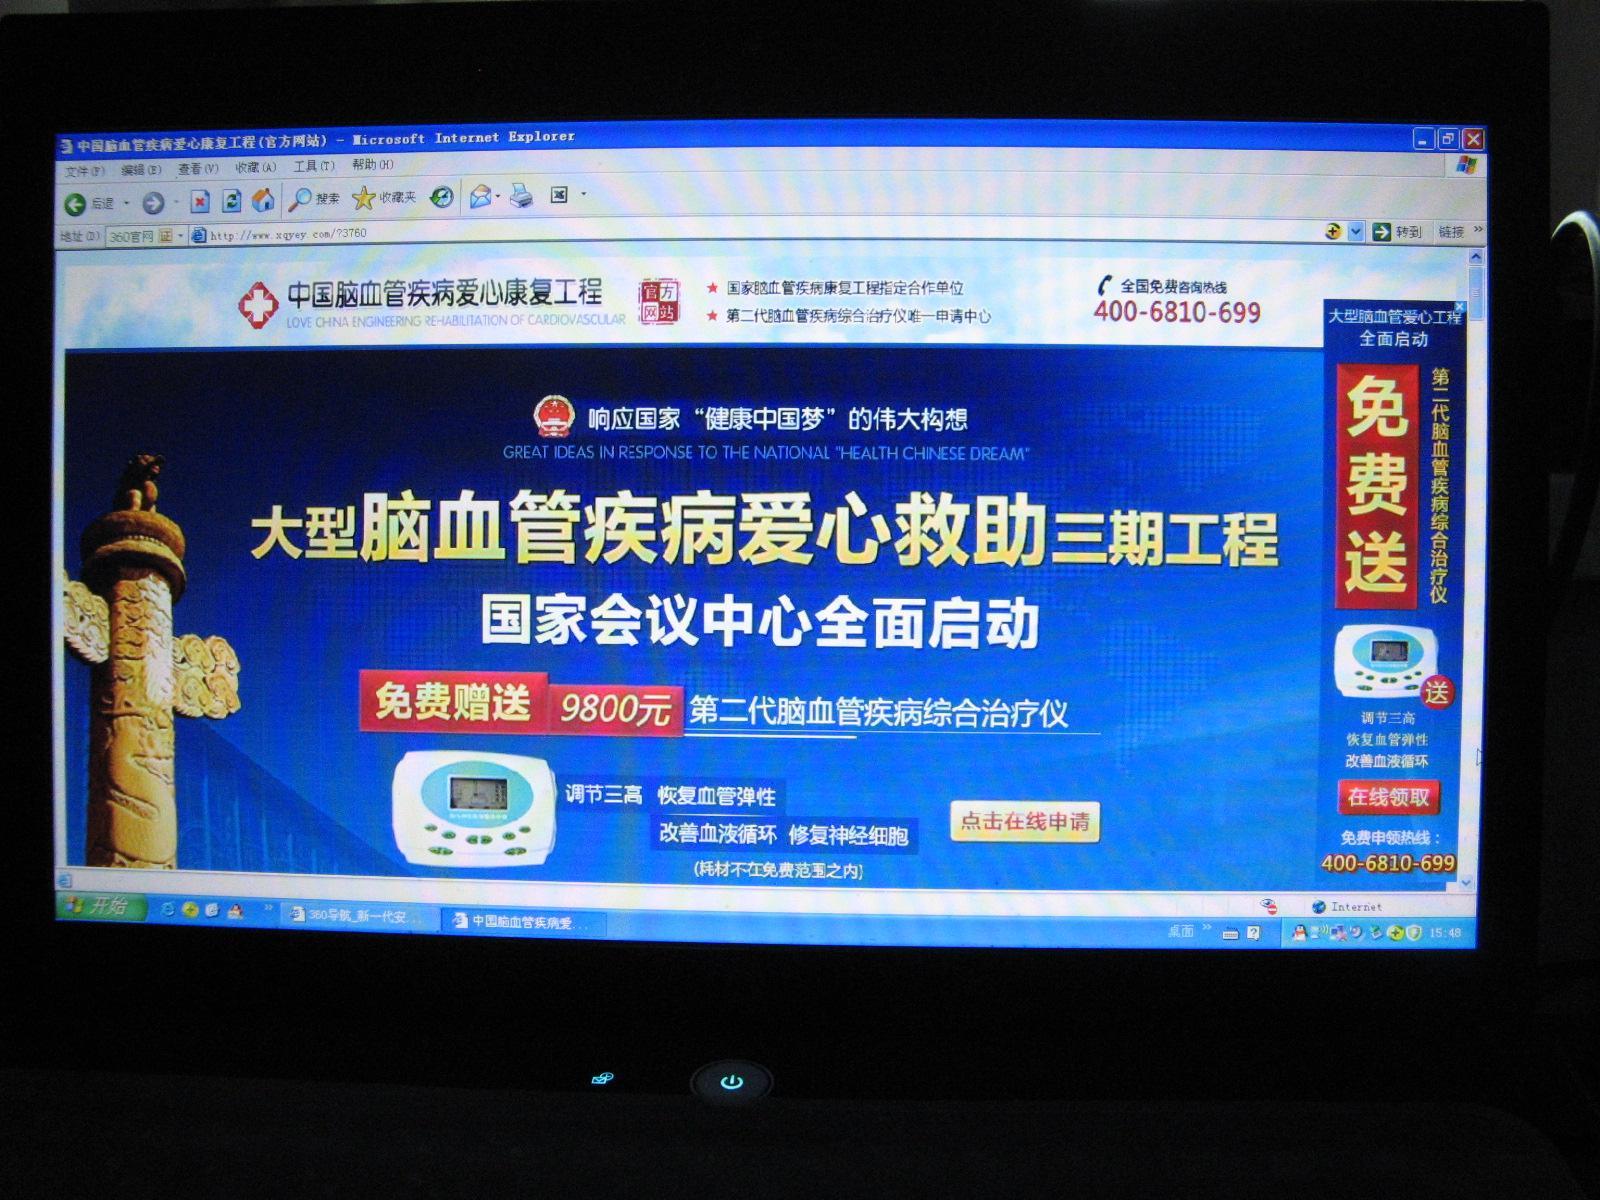 中国脑血管疾病爱心工程 管方网站 的陷井和骗钱 高清图片